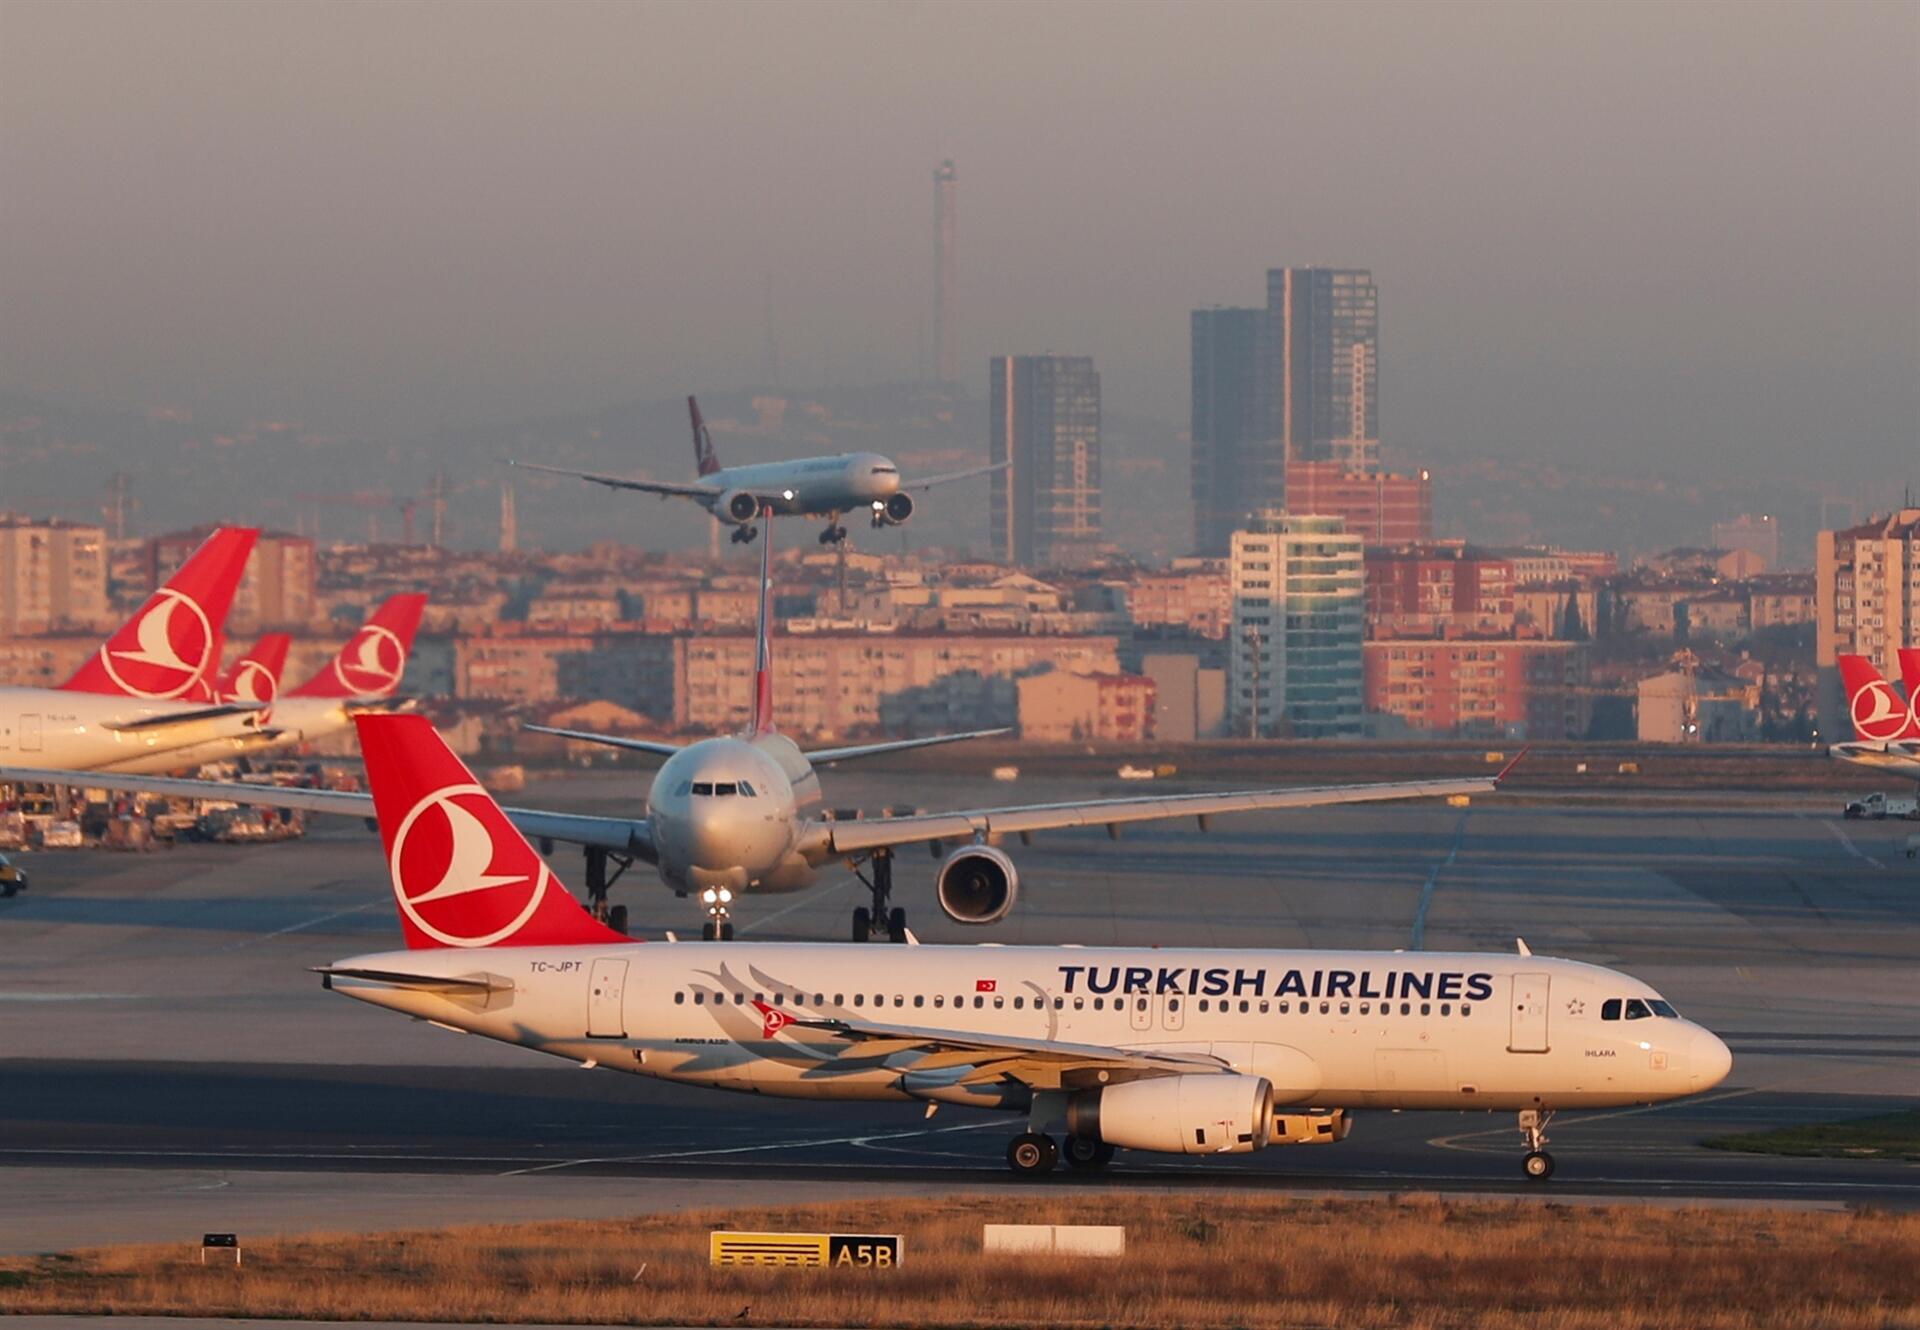 علت آژیر خطر امروز در غرب تهران پرواز ترکیش ایرلاین بود؟